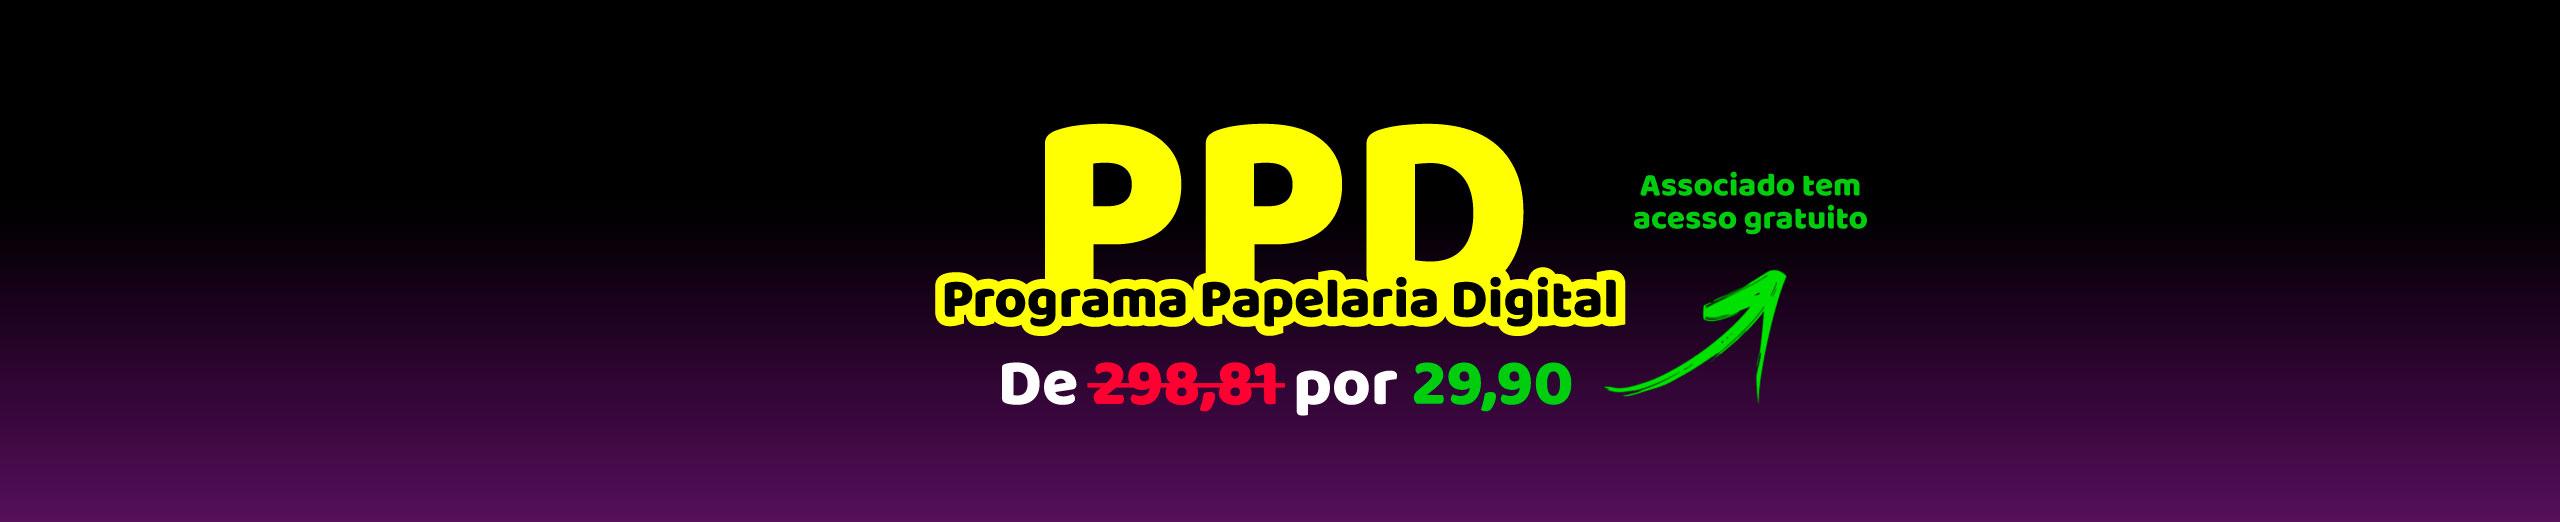 Programa Papelaria Digital